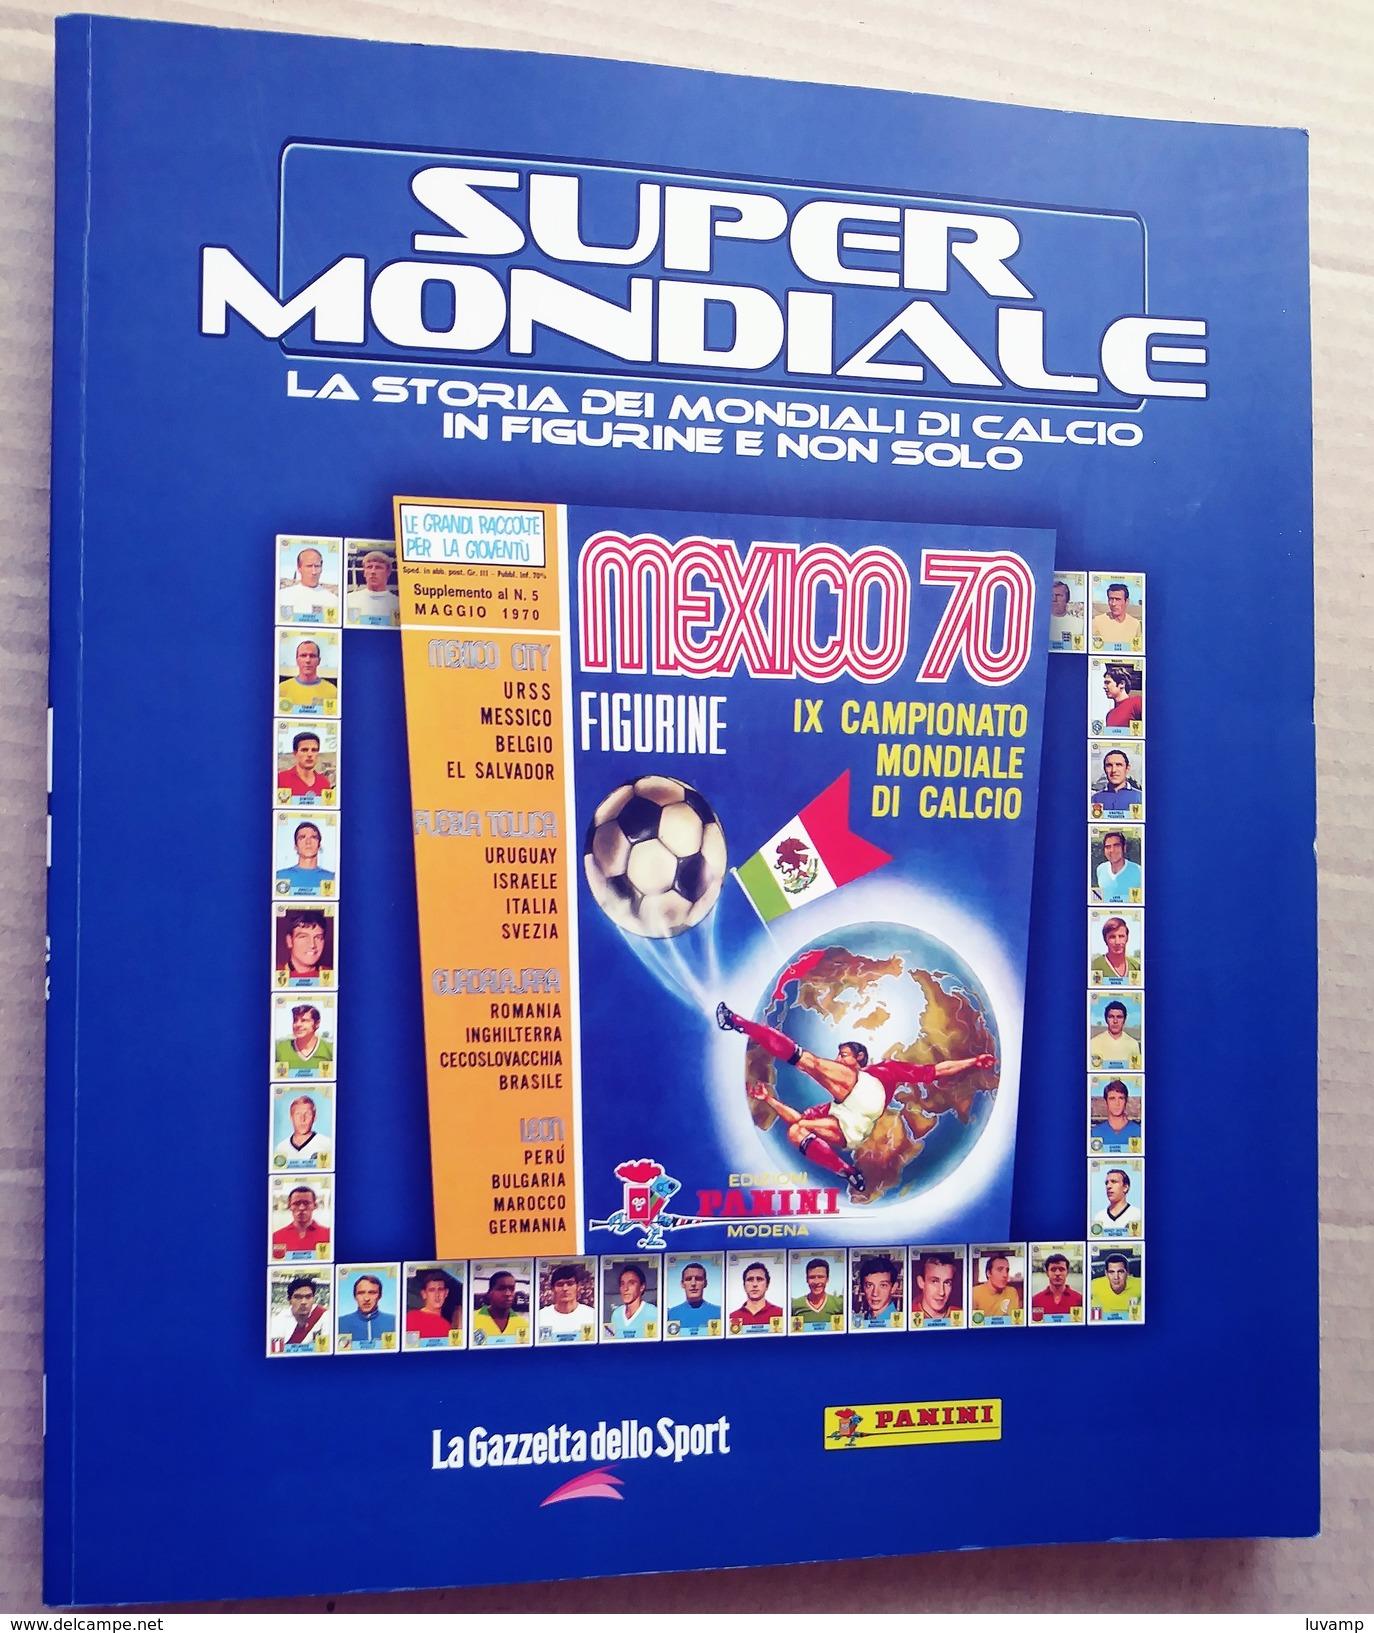 SUPER MONDIALI DI CALCIO -GAZZETTA DELLO SPORT (120717) - Panini